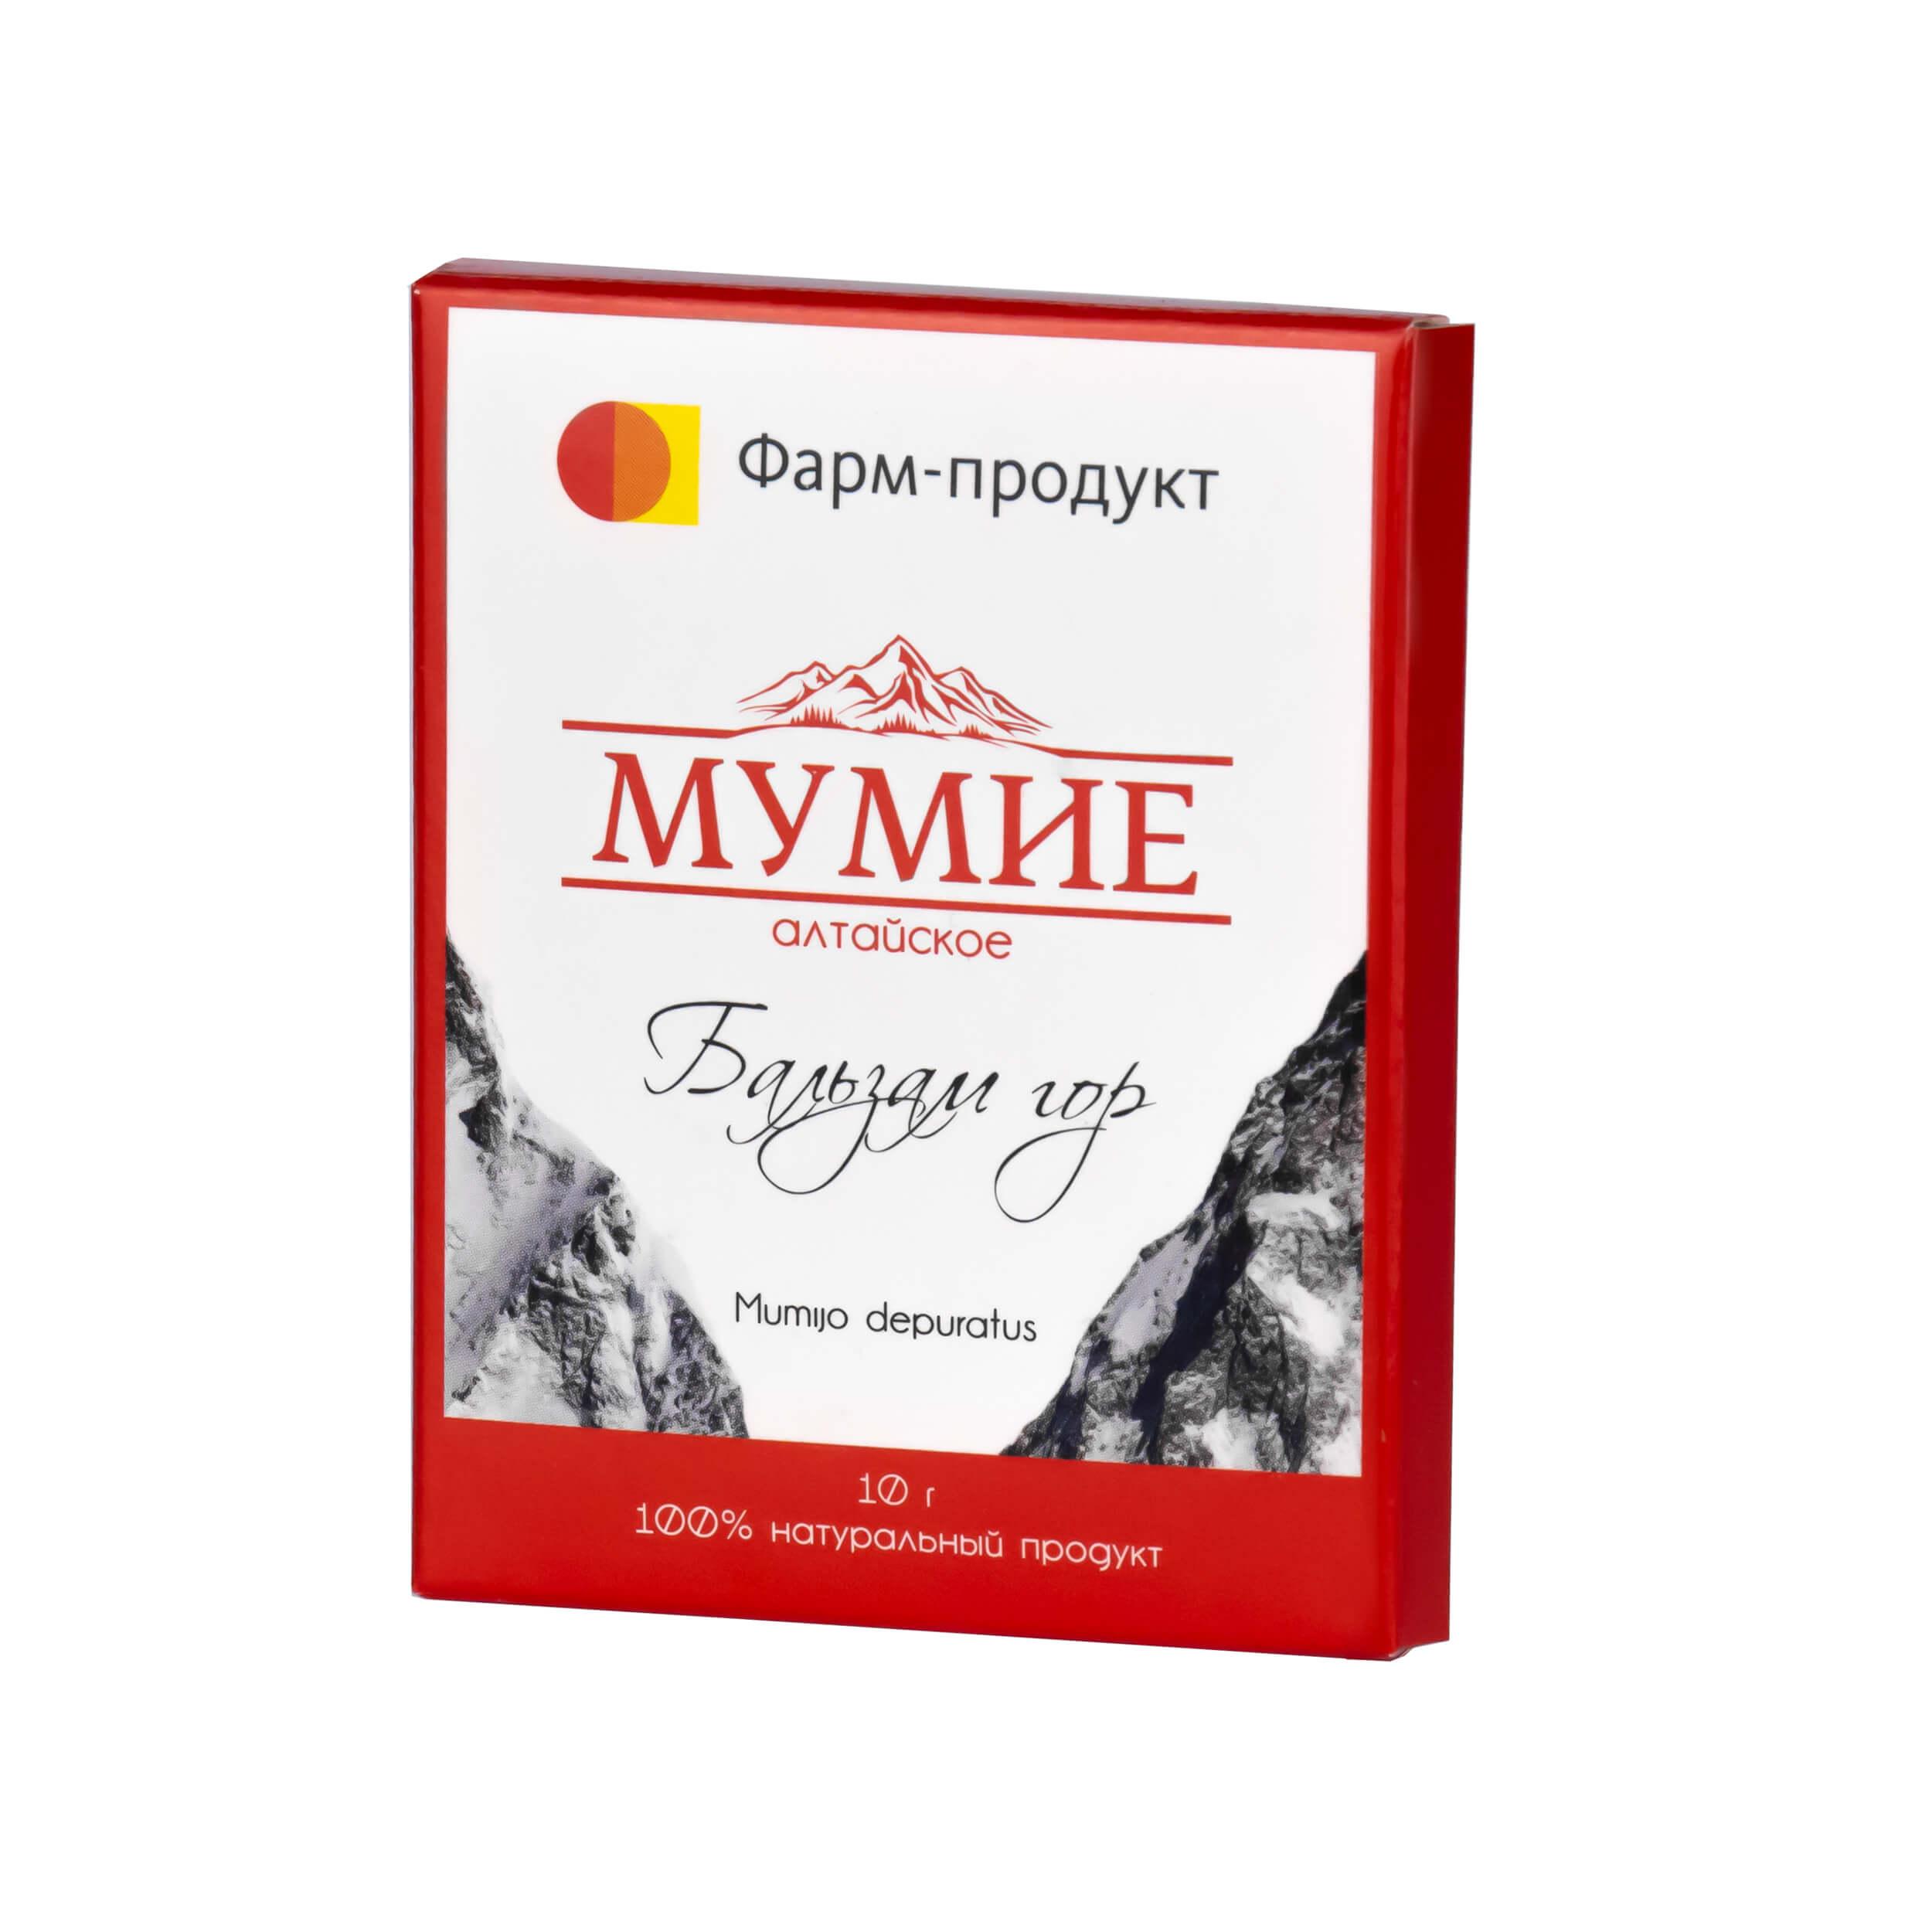 Мумие алтайское Бальзам гор (10 грамм) фото